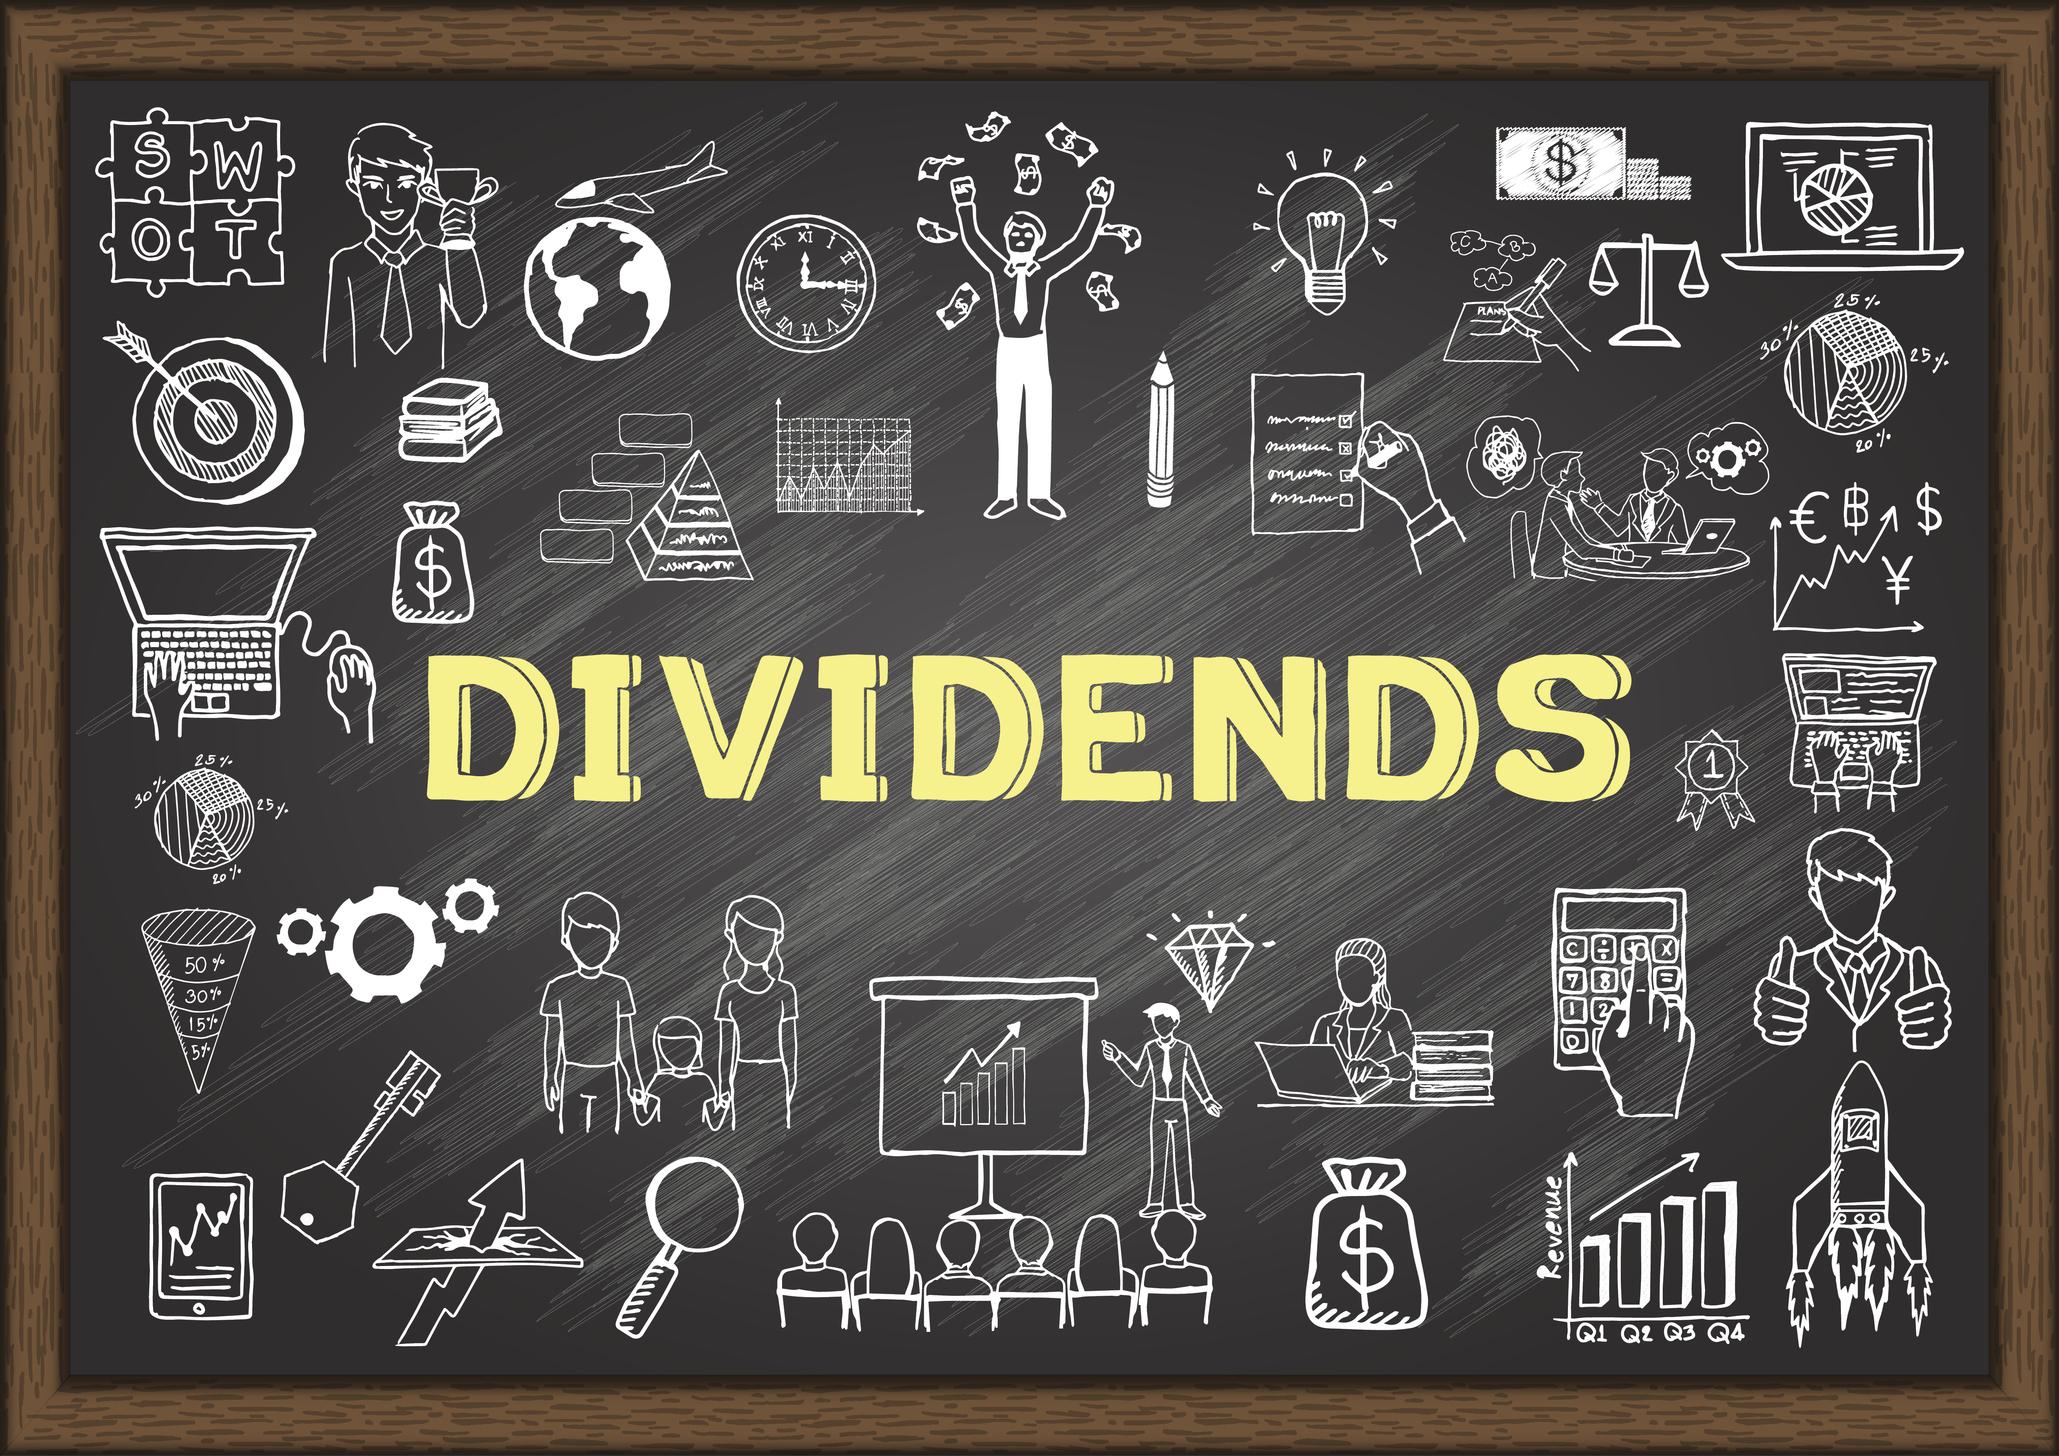 The word DIVIDENDS written on a blackboard.